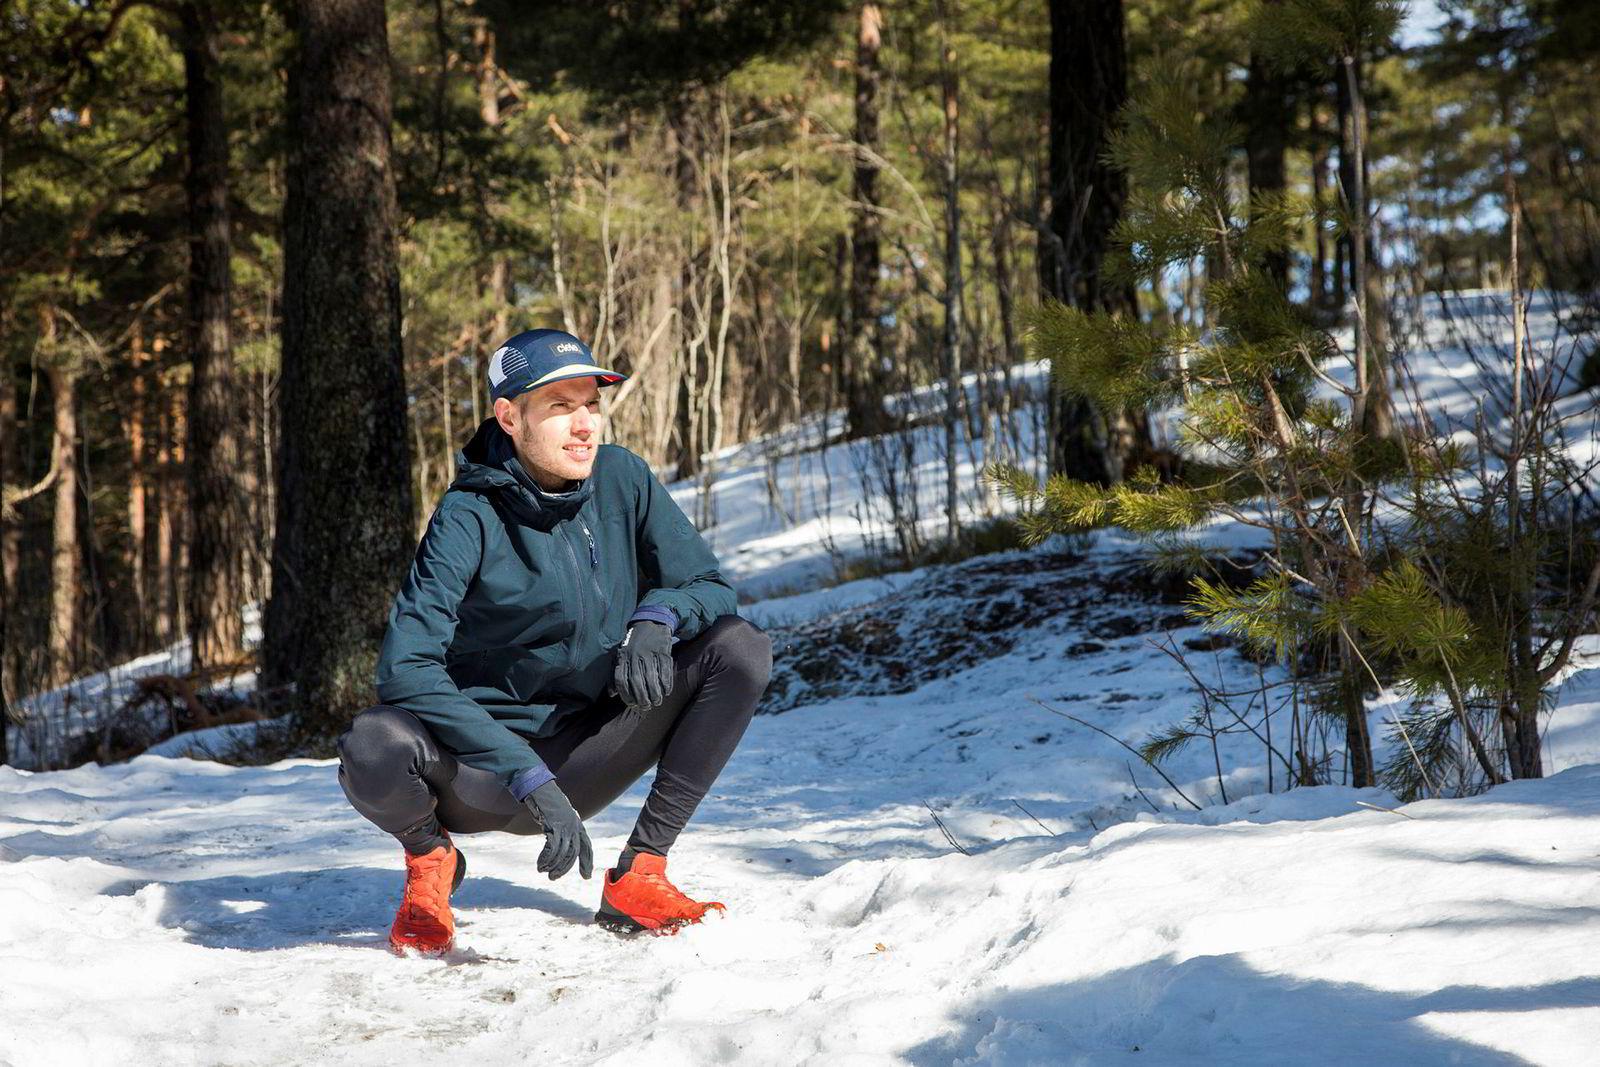 Smedsrød mener han har fått mye igjen for det han opplevde blant noen av verdens beste langdistanseløpere i Etiopia i februar. Selv begynte den tidligere skøytesprinteren å løpe fjelløp for under tre år siden.